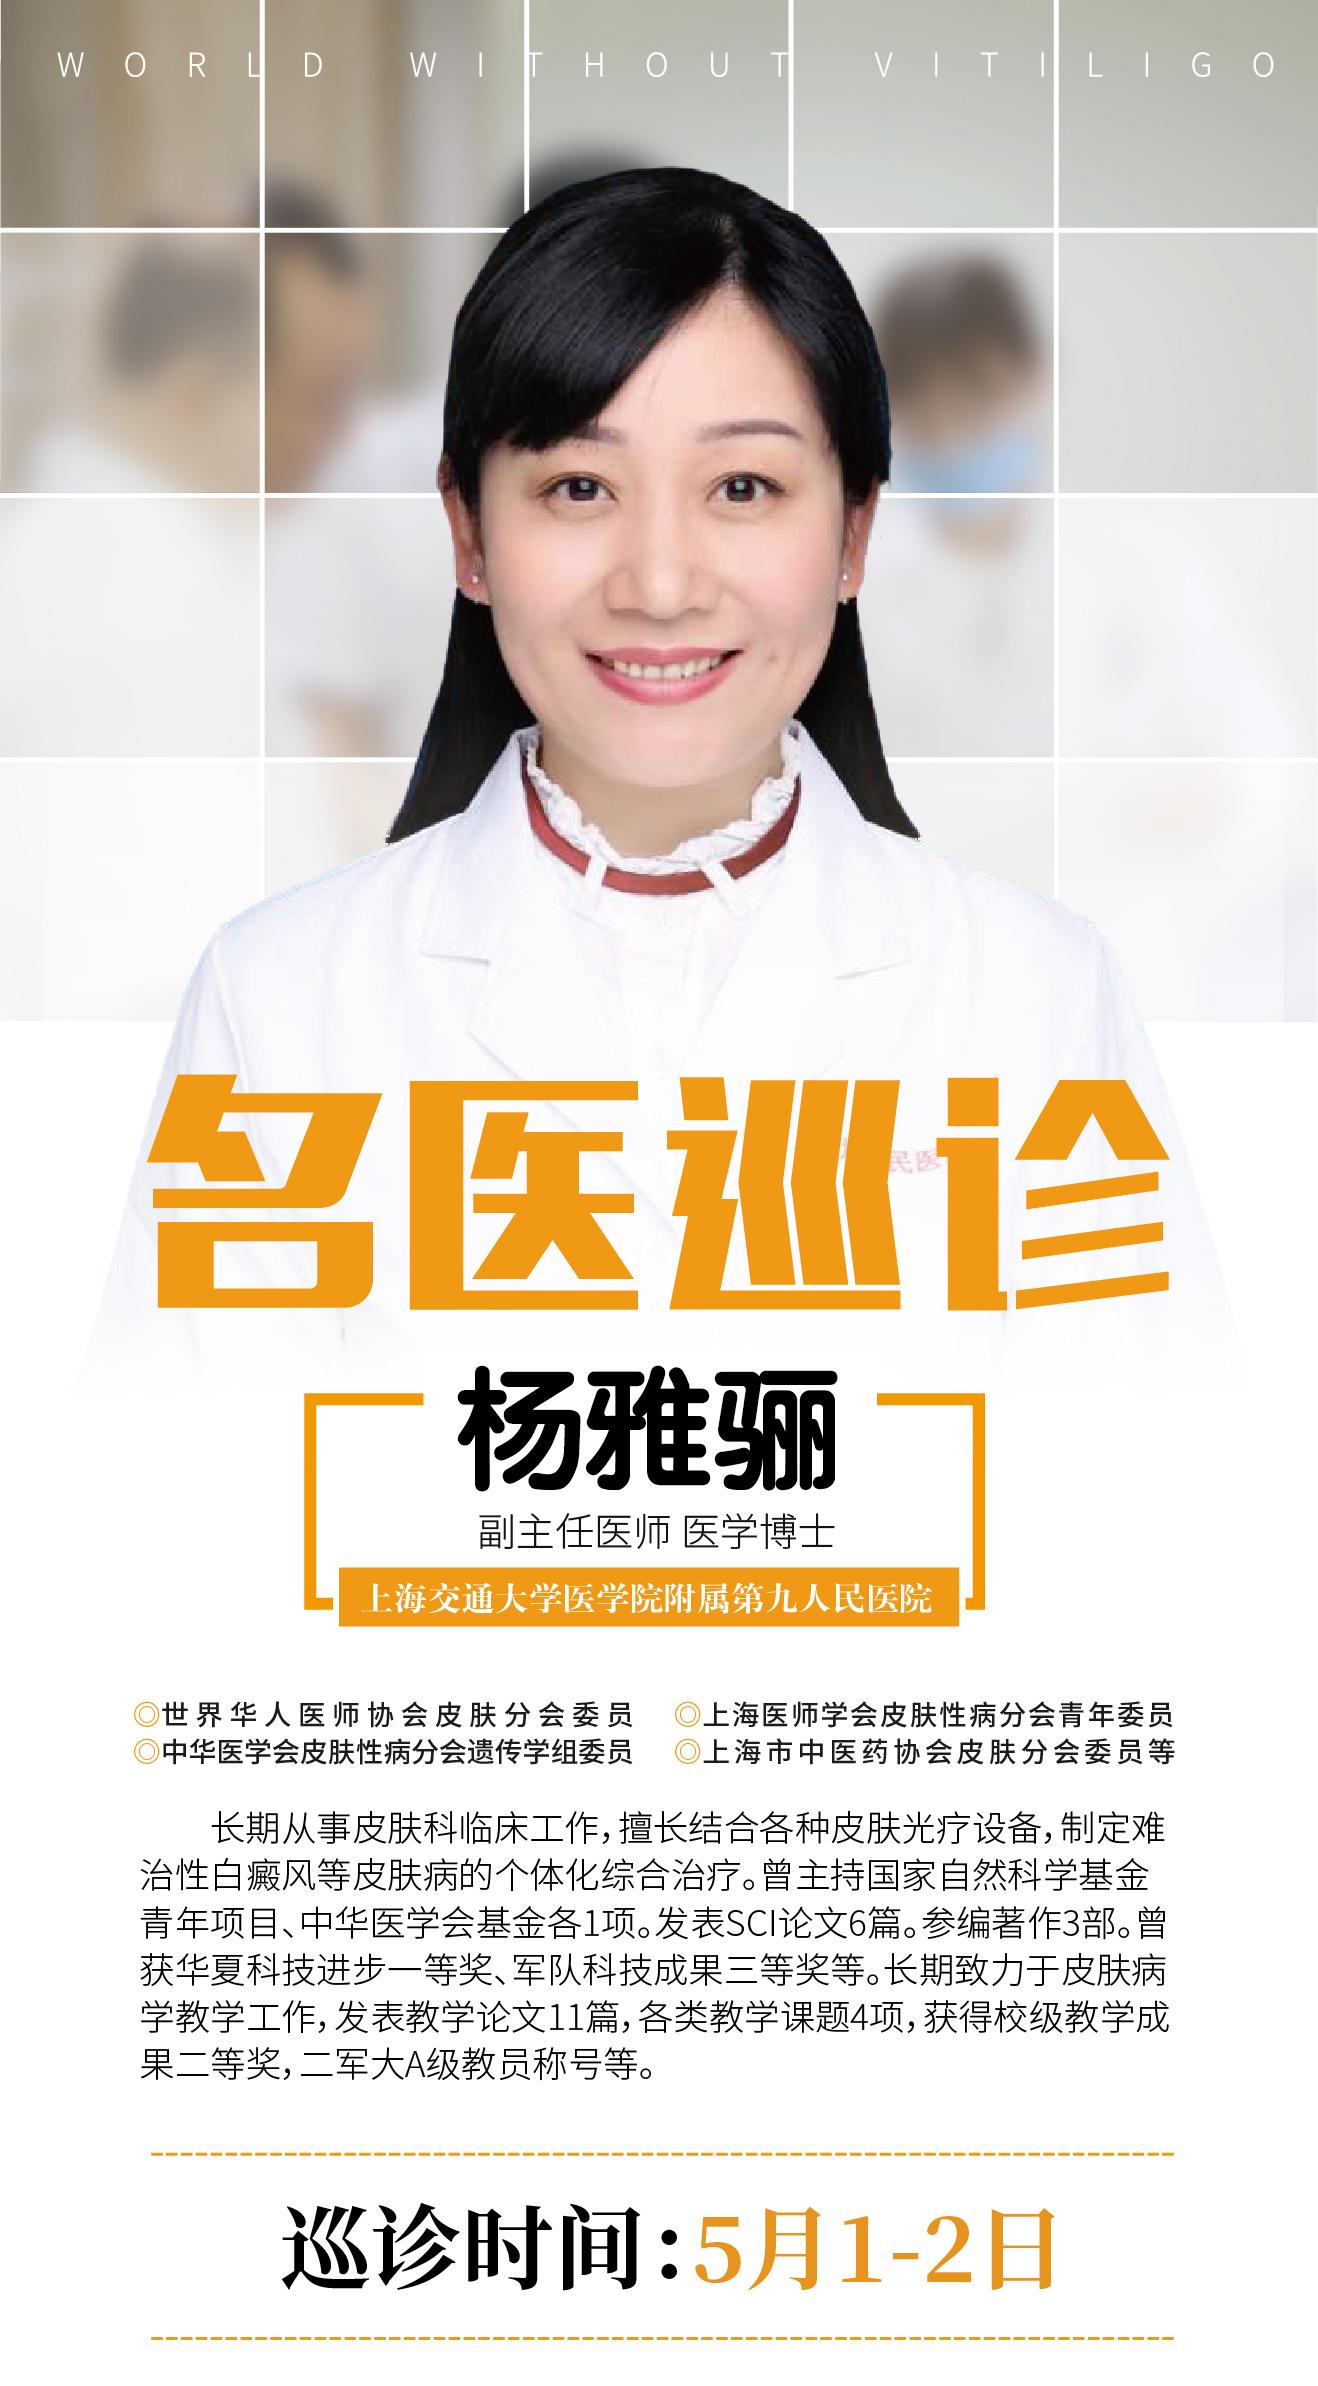 5.1-2上海白癜风专家杨雅骊巡诊健桥助力五一祛白